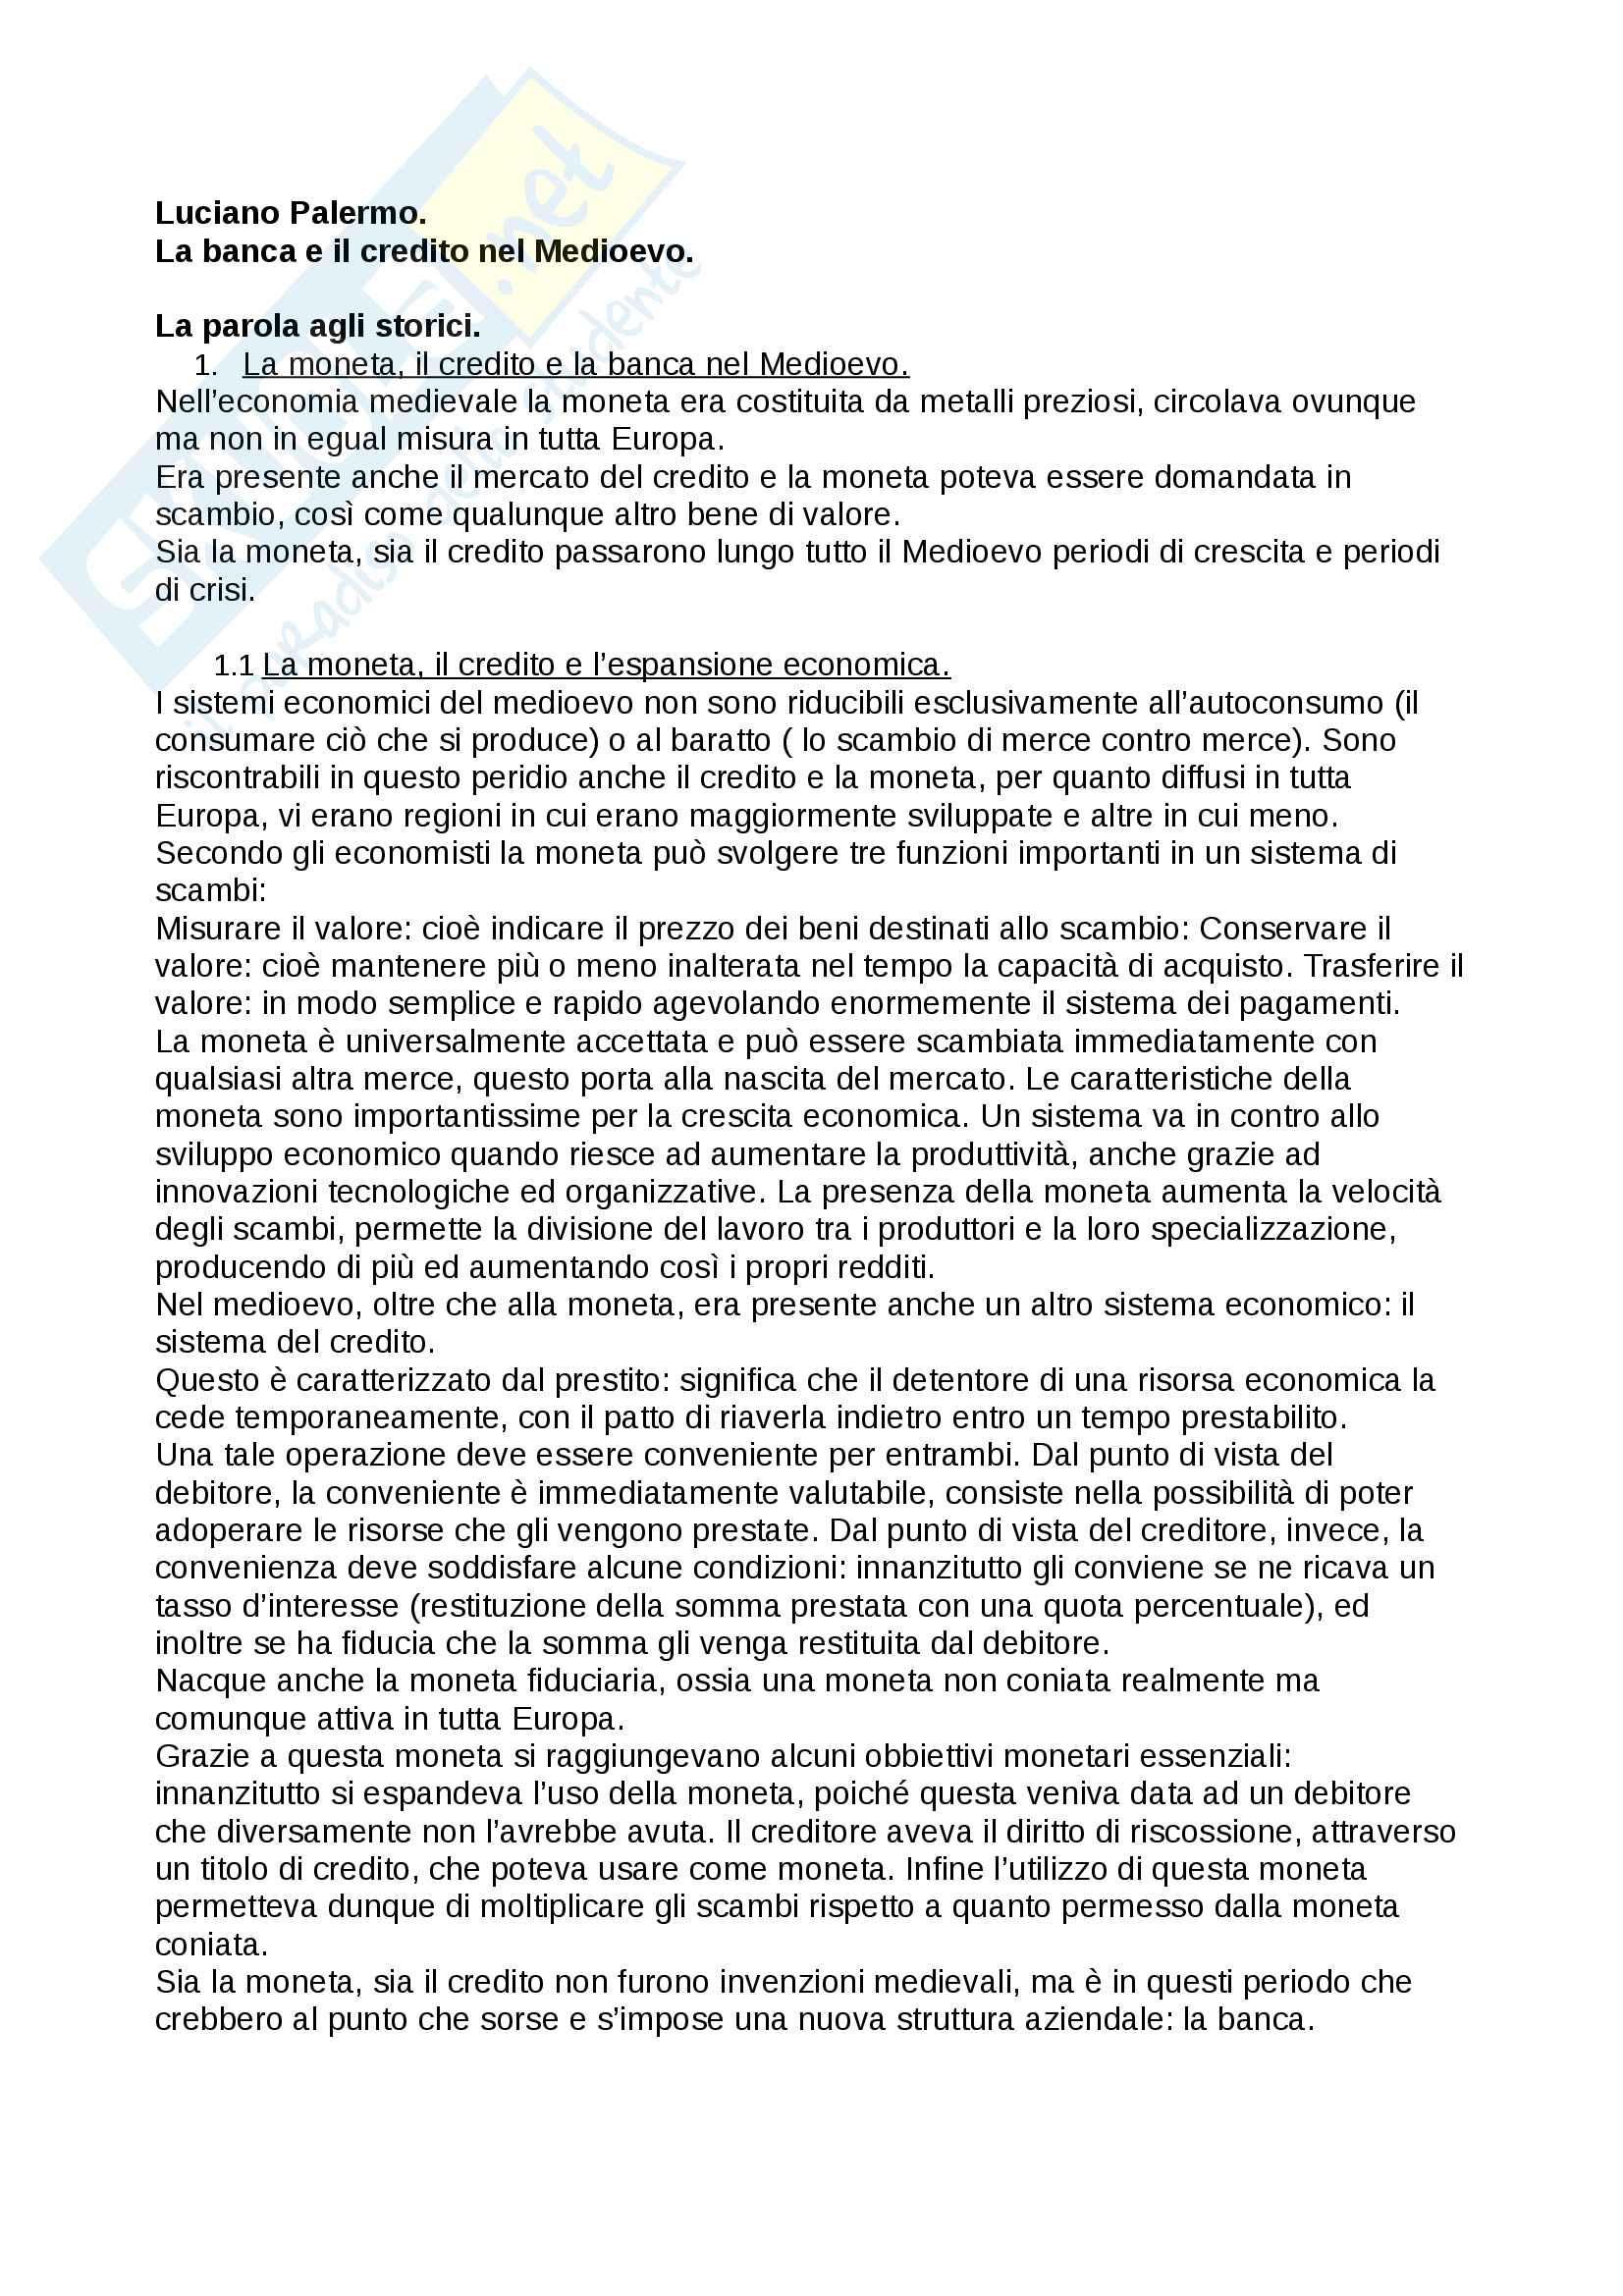 """Riassunto esame storia medievale,prof. Francesco Senatore, libro consigliato """"la banca e il credito nel medioevo"""", Palermo."""